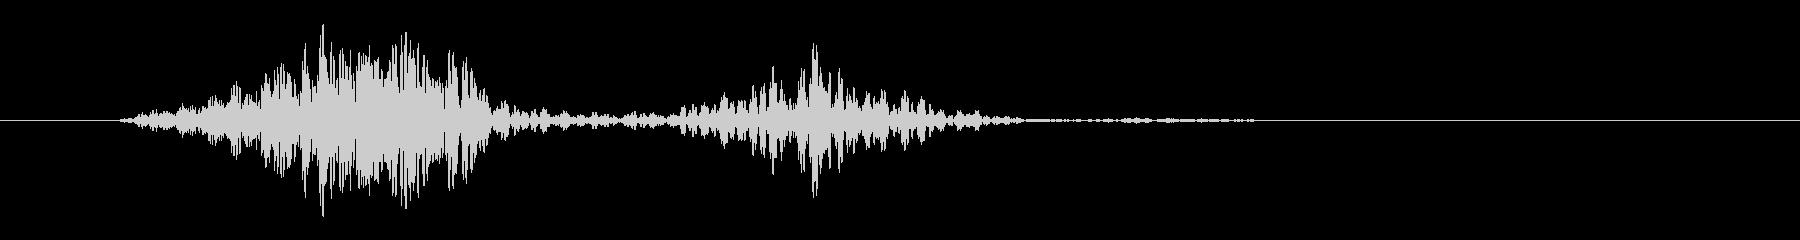 ヒューシュパワフルヘビームーブメントの未再生の波形